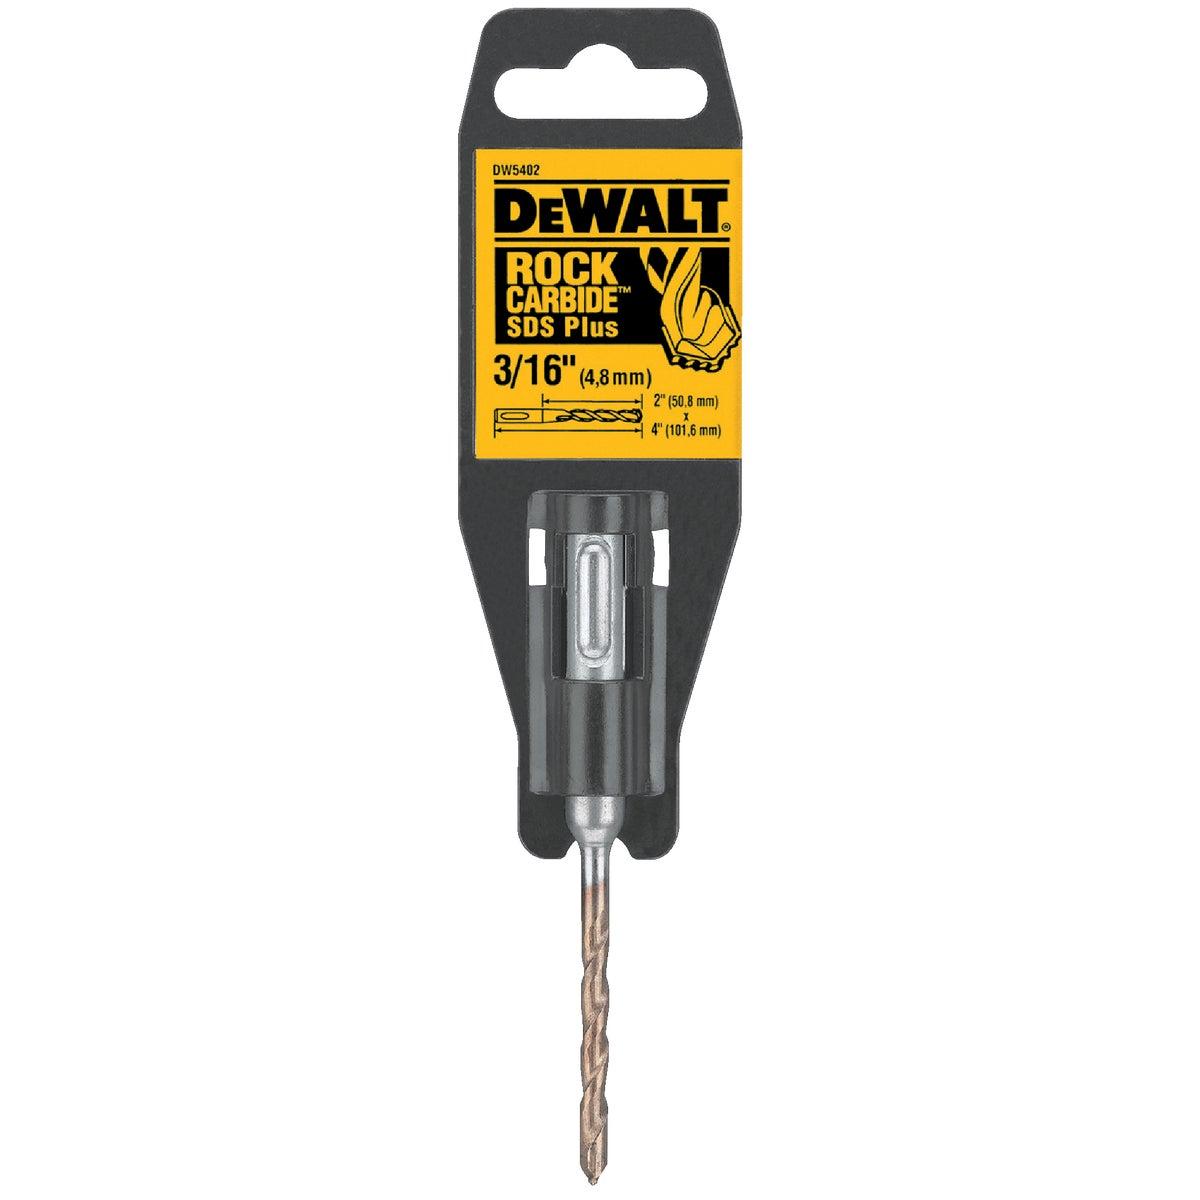 Black & Decker/DWLT 3/16 SDS MSNRY DRILL BIT DW5402